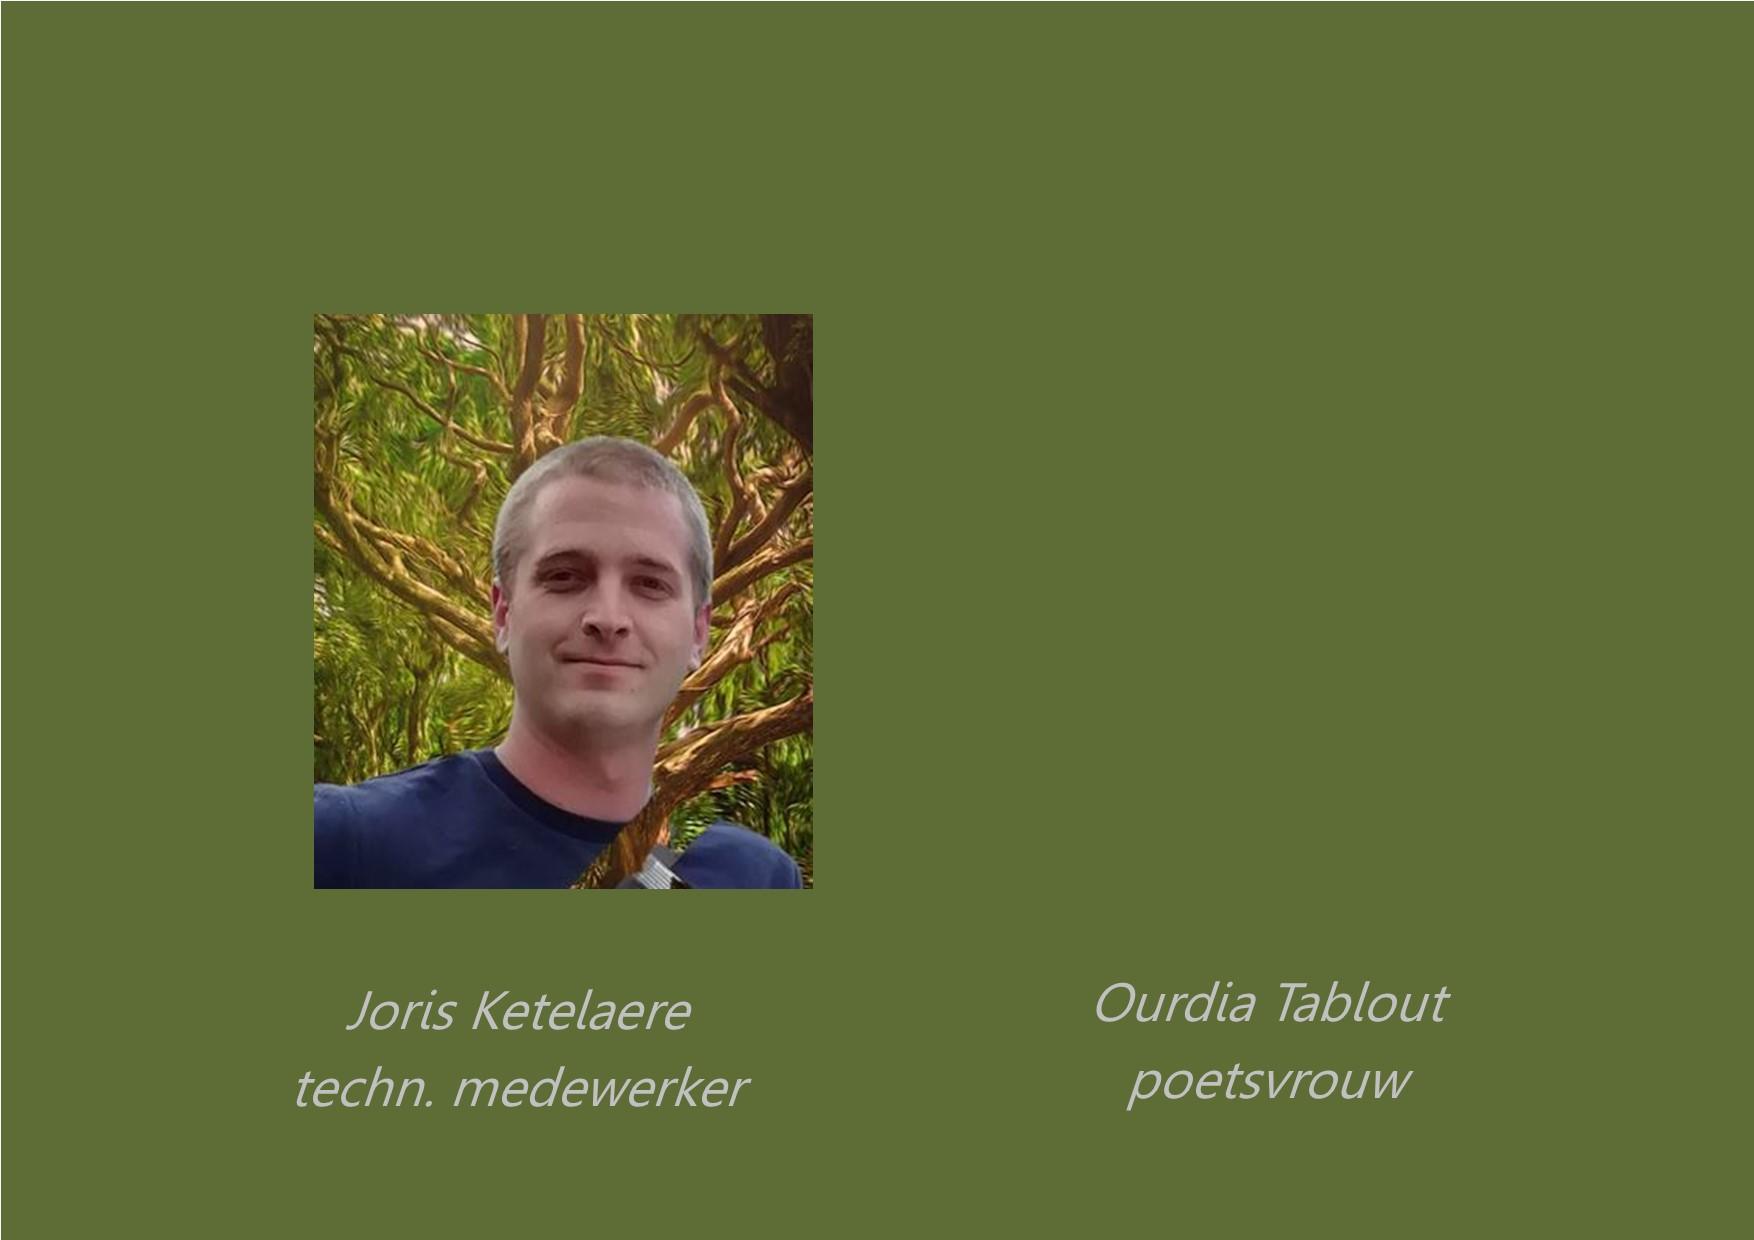 <p>onderhoudspersoneel: Joris Ketelaere en Ourdia Tablout</p>